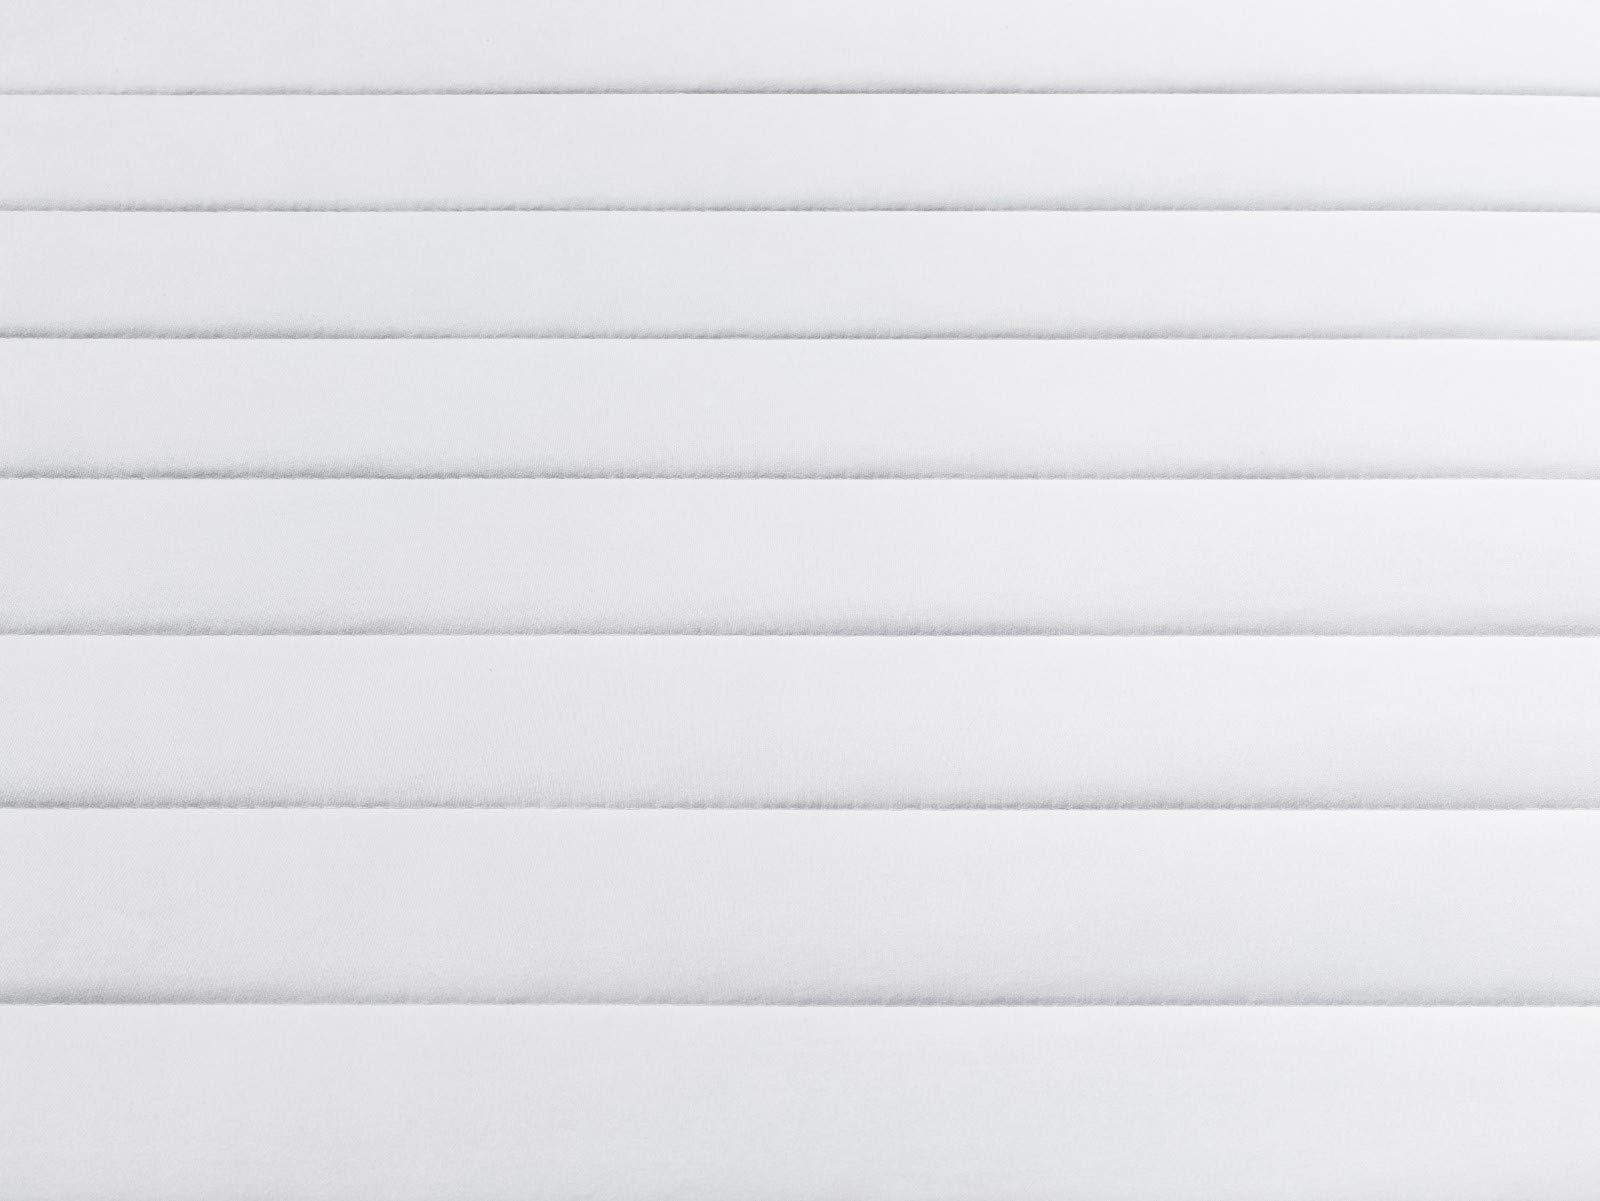 Traumnacht Basic 2 in 1 Duo Kaltschaummatratze, Härtegrad 2 und 3, 80 x 200 cm, Höhe 13 cm, weiß